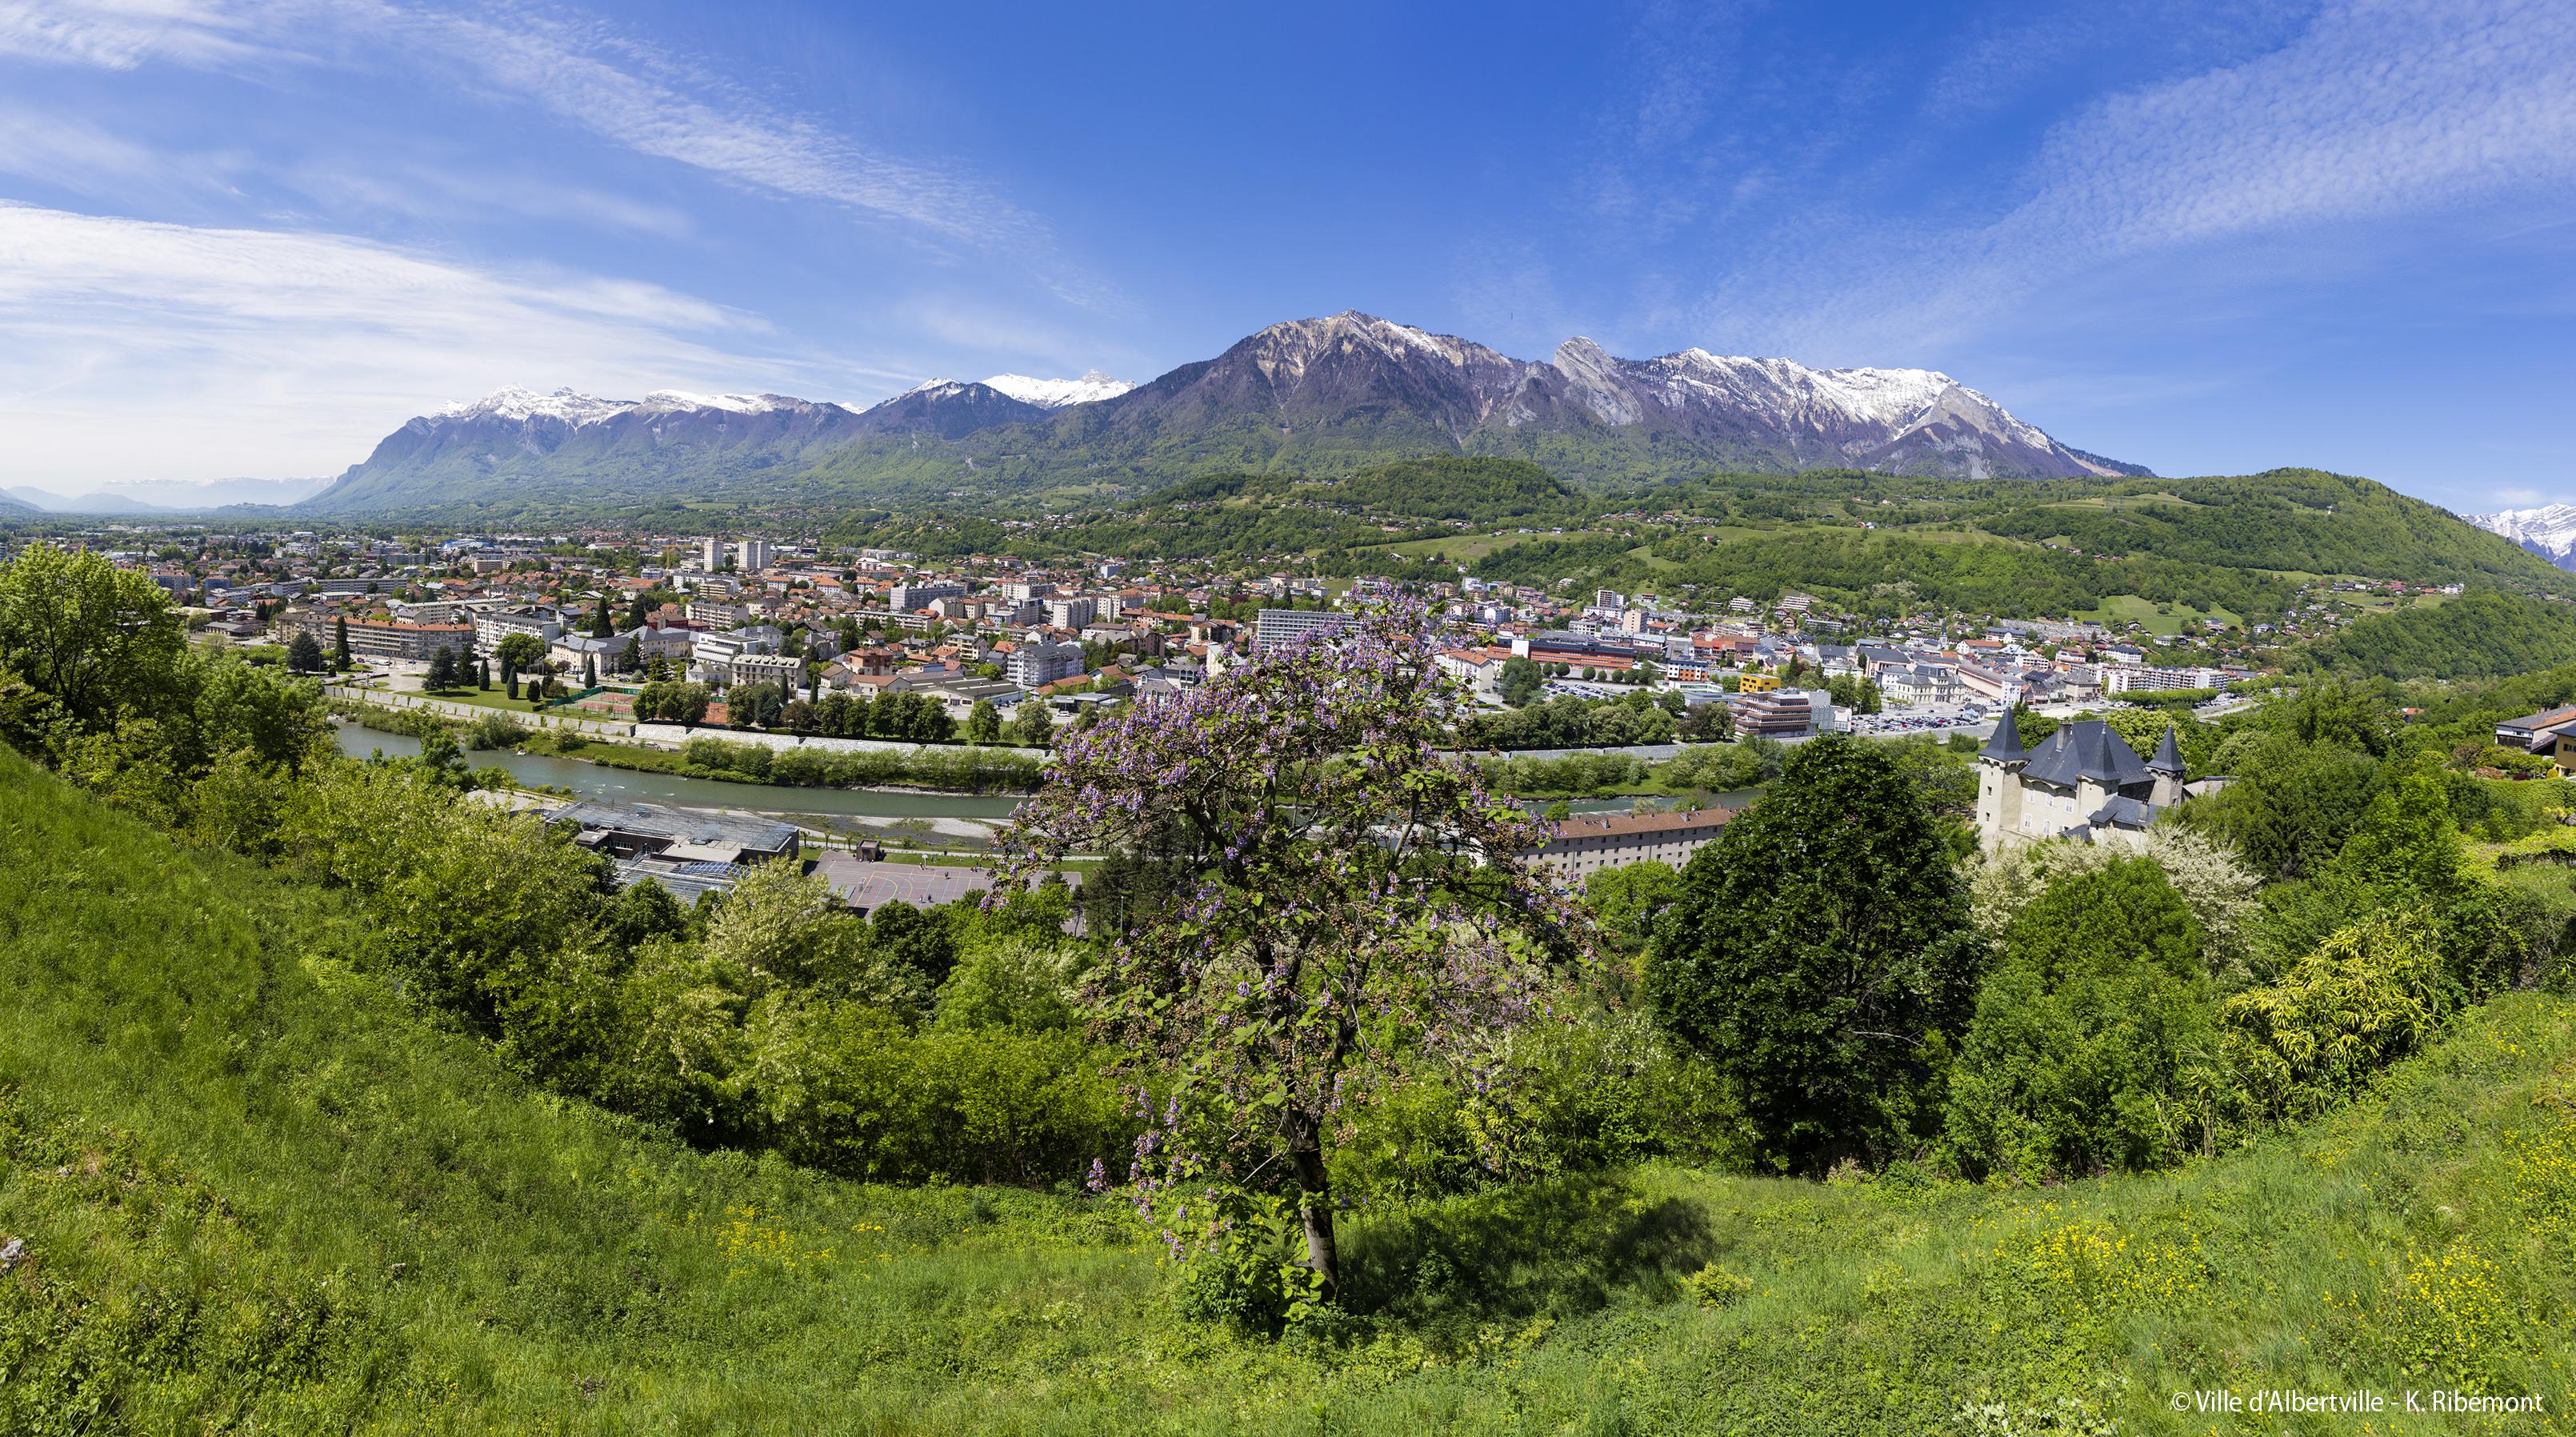 Vue panoramique - avec crédit Ville d'Albertville